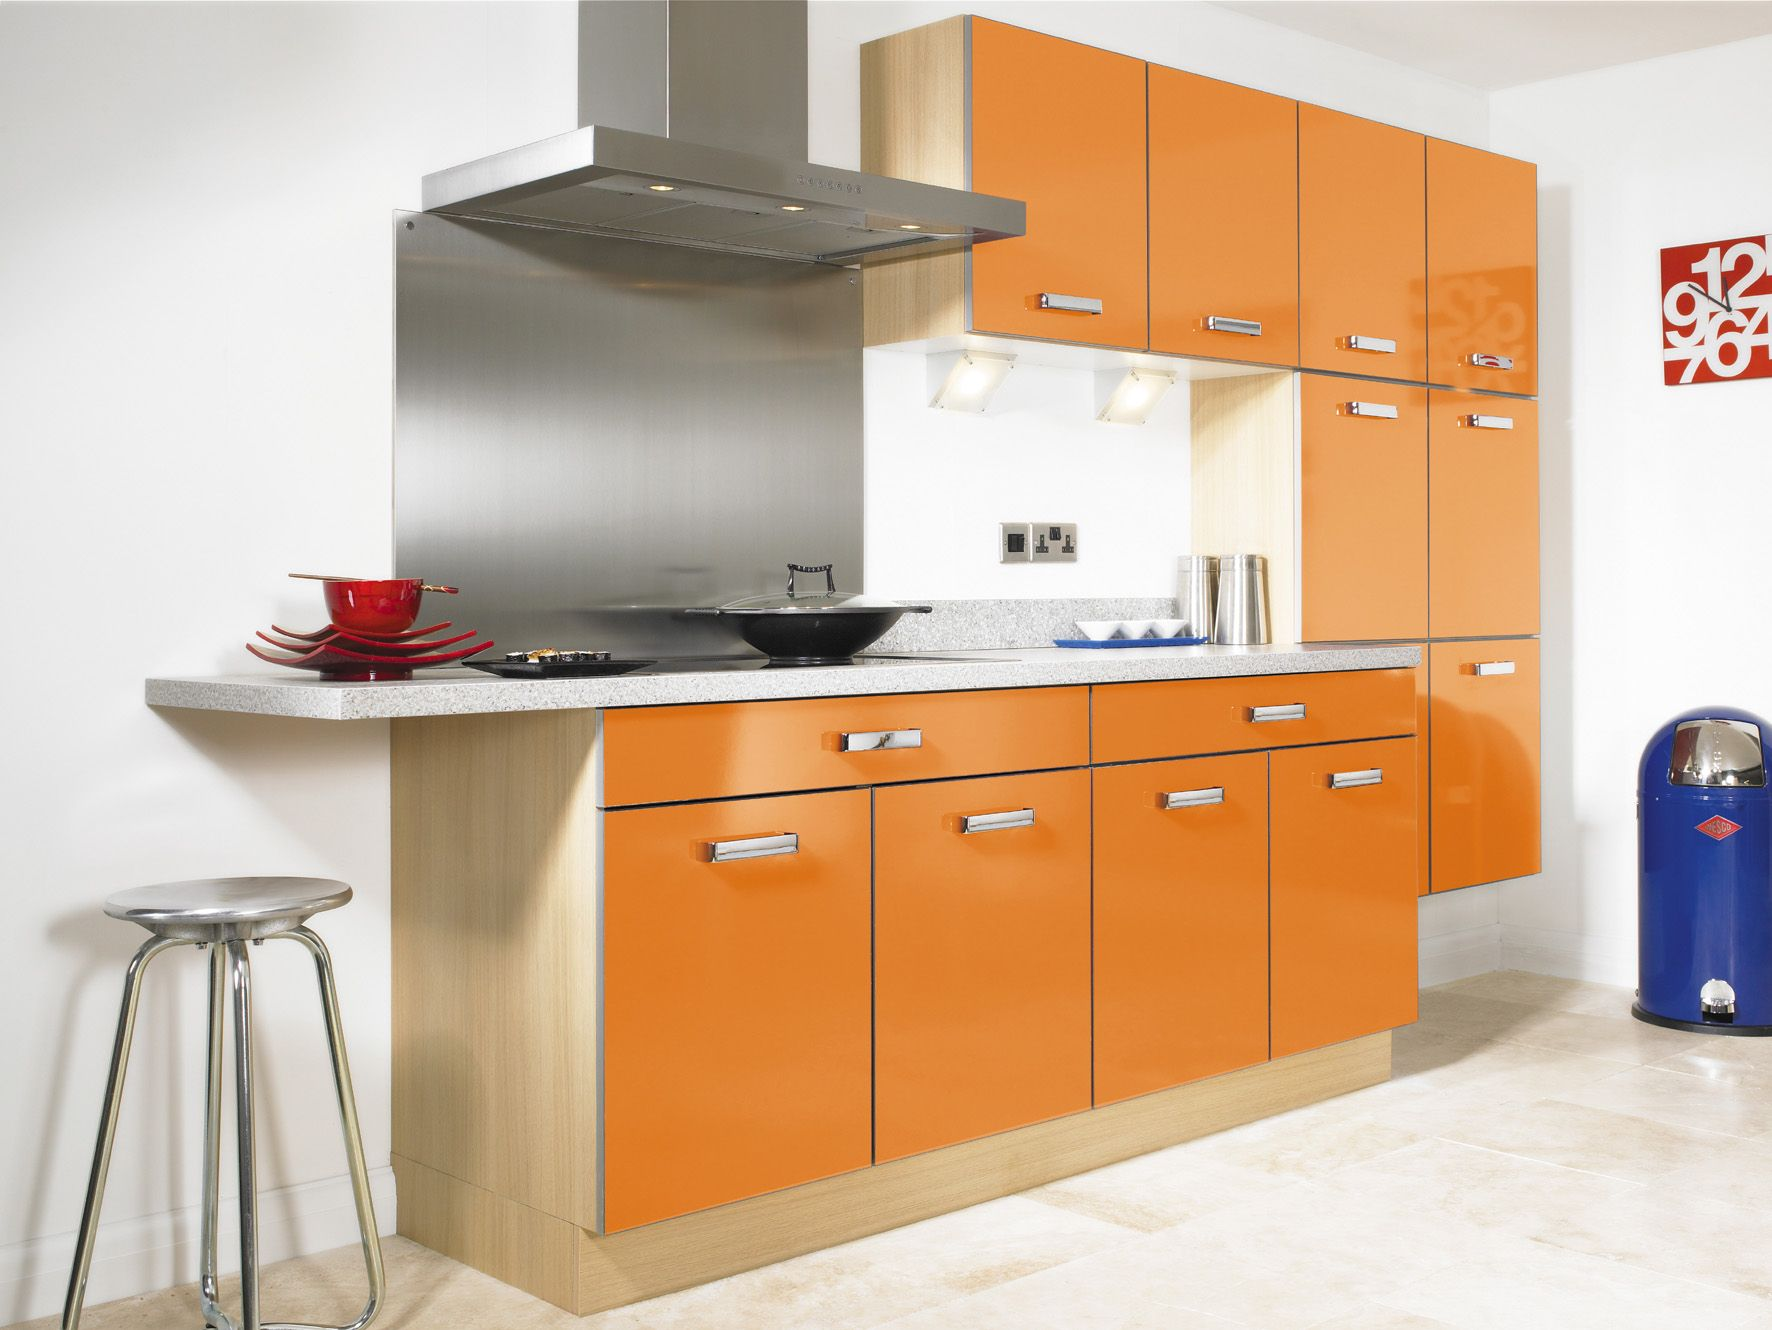 Gestalten sie ihre küche atemberaubende und kreative bunte küche design ideen badezimmer